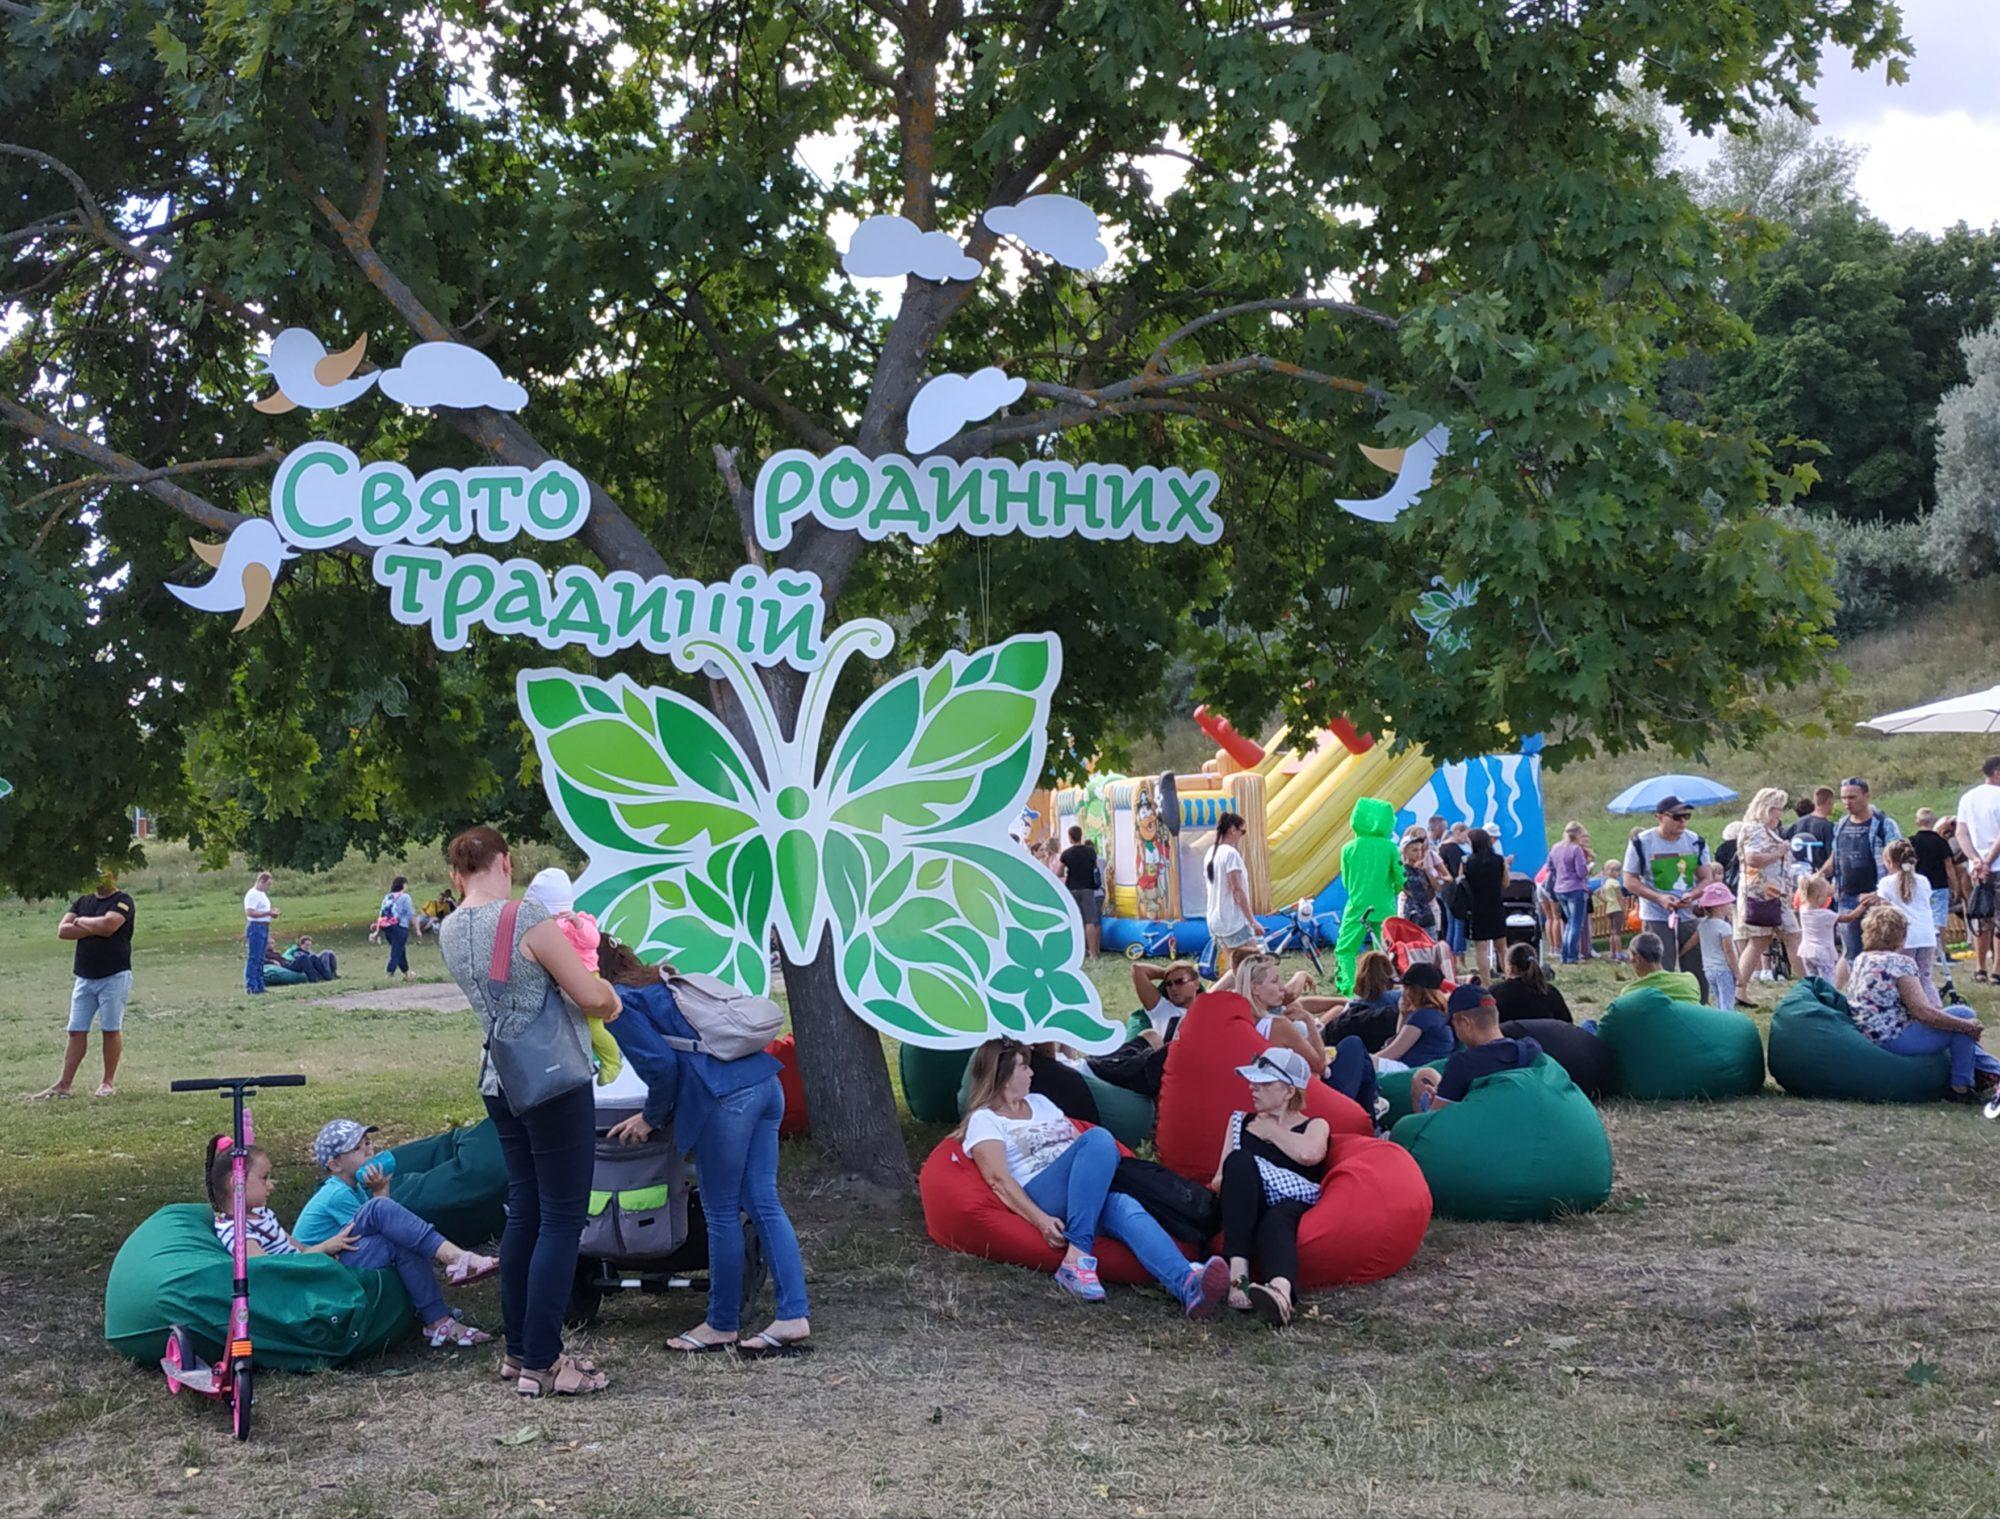 «Свято родинних традицій» у Вишгороді зібрало друзів і партнерів - Фестиваль, Вишгород - 0810 Rodynni Grupova 2000x1519